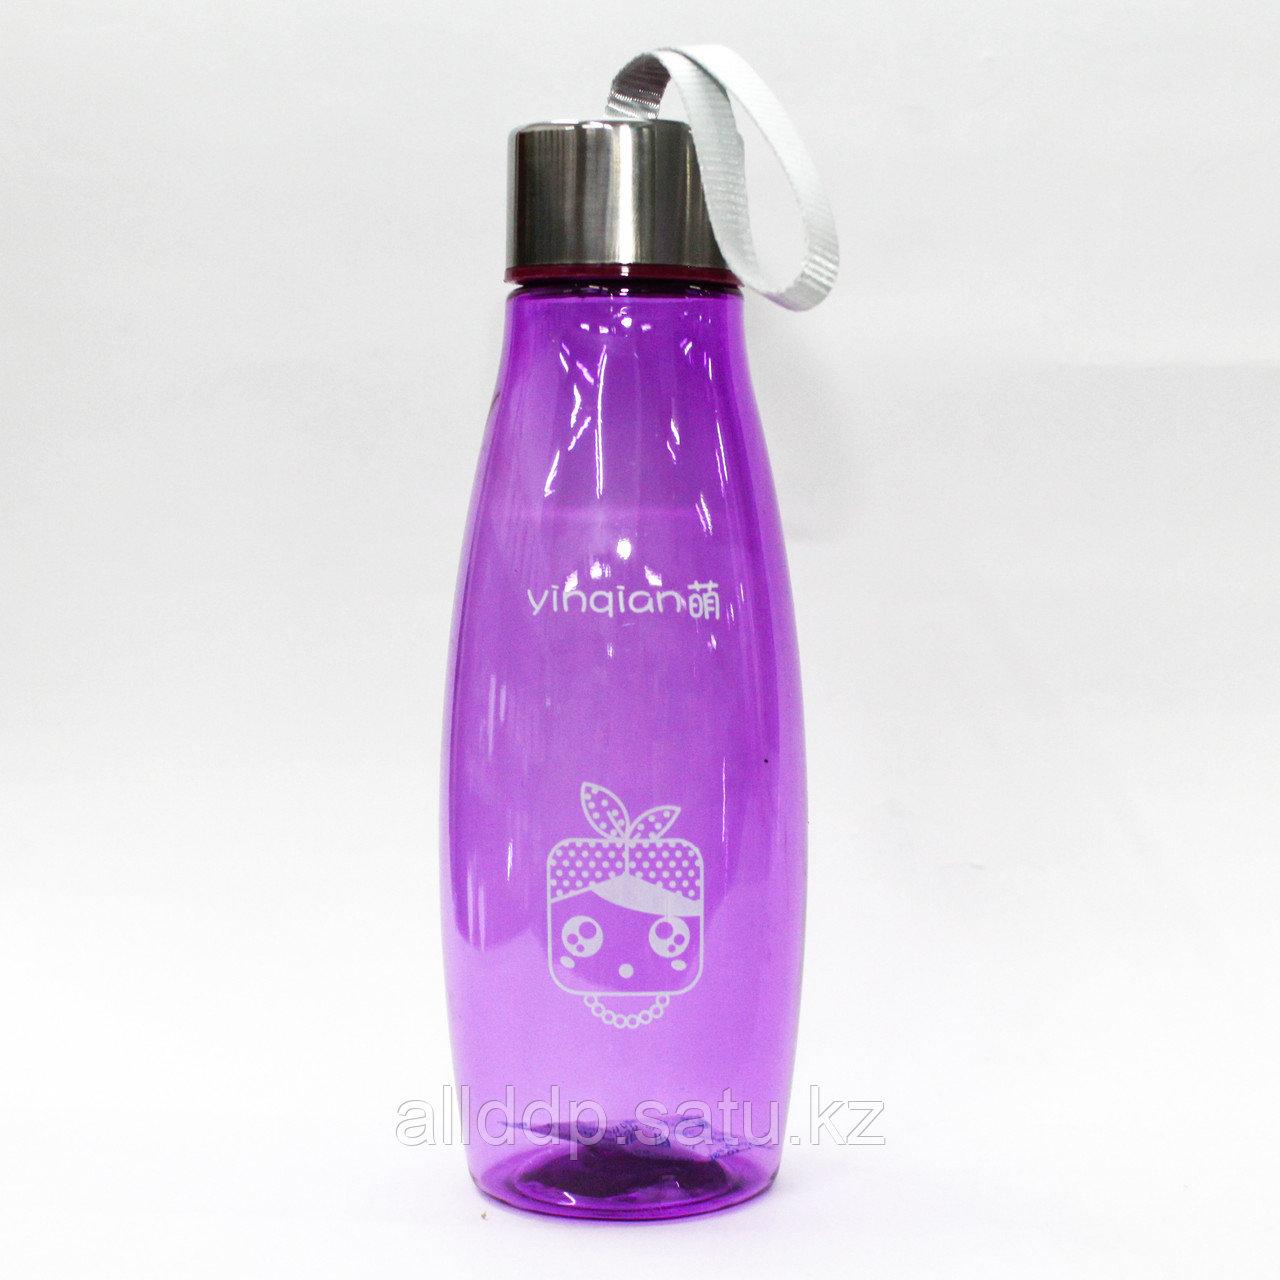 Эко бутылка для воды, 0,5 л, сиреневая